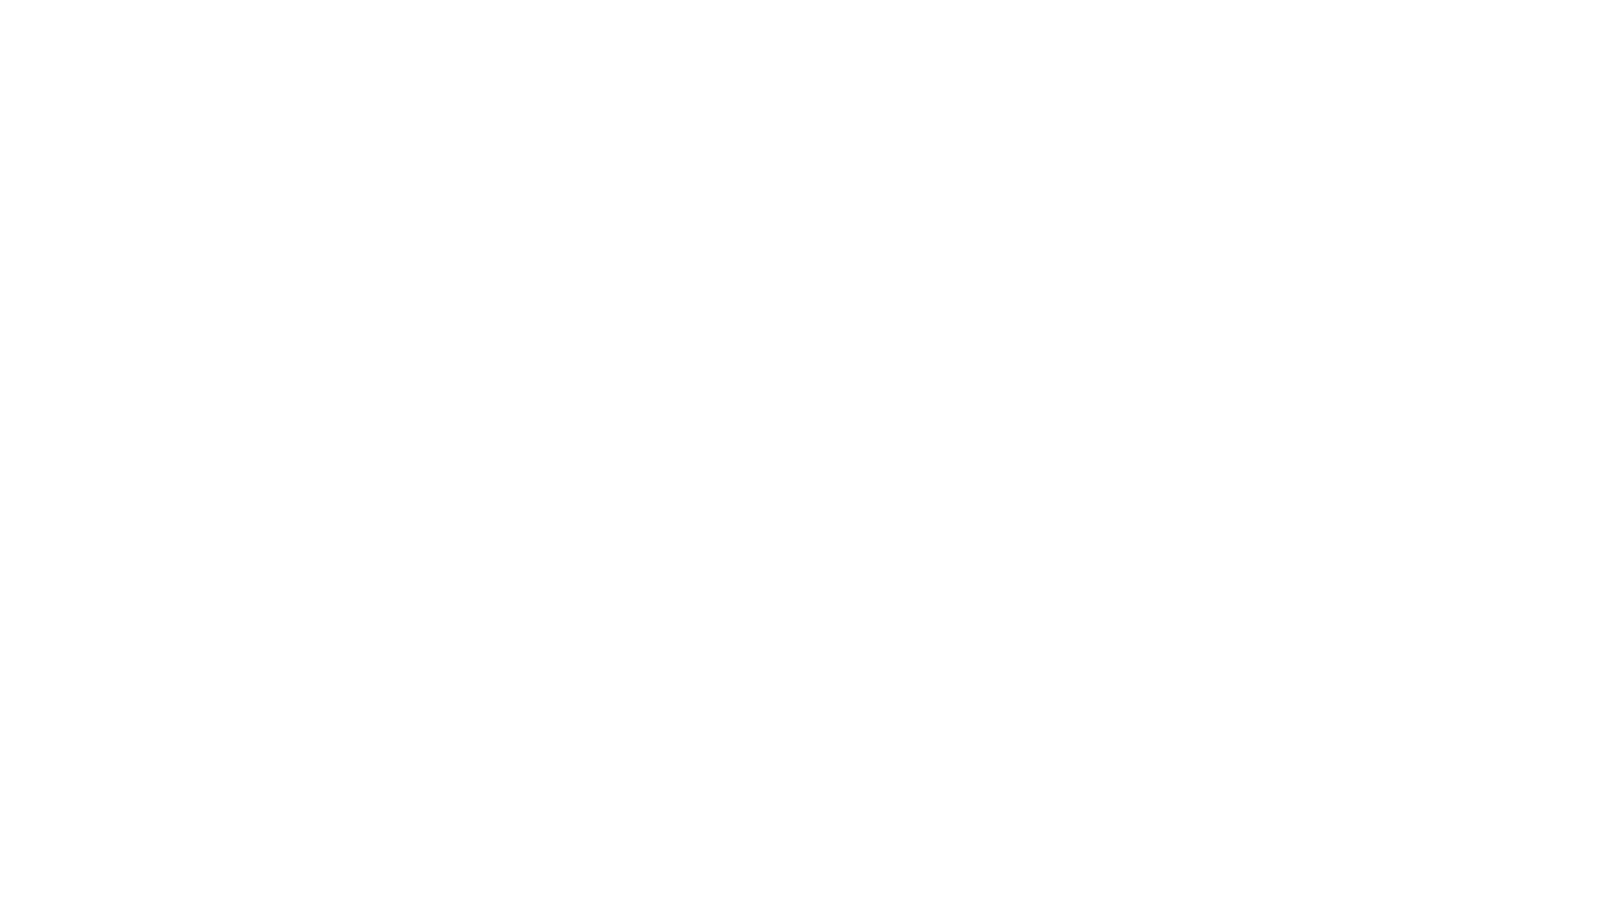 ¿Sabías que las cochinillas son animales sumamente explotadas y asesinadas para la industria de los colorantes? ¿Sabías que esta industria es la tercera que asesina más animales en el mundo?  Queremos contarte esto y más, para hablar sobre las cochinillas, sus similitudes con los koalas y las problemáticas sexistas de su explotación.  No te pierdas esta emisión de otro programa de discusión con Brigada Animal México ¡ahora en lunes a las 5 pm!  Poli Sotomayor y Ufo te esperan para compartir contigo sobre este importantísimo tema tan poco conocido.  #colorantes #carmín #cochinillas #insectos #veganismo #animales